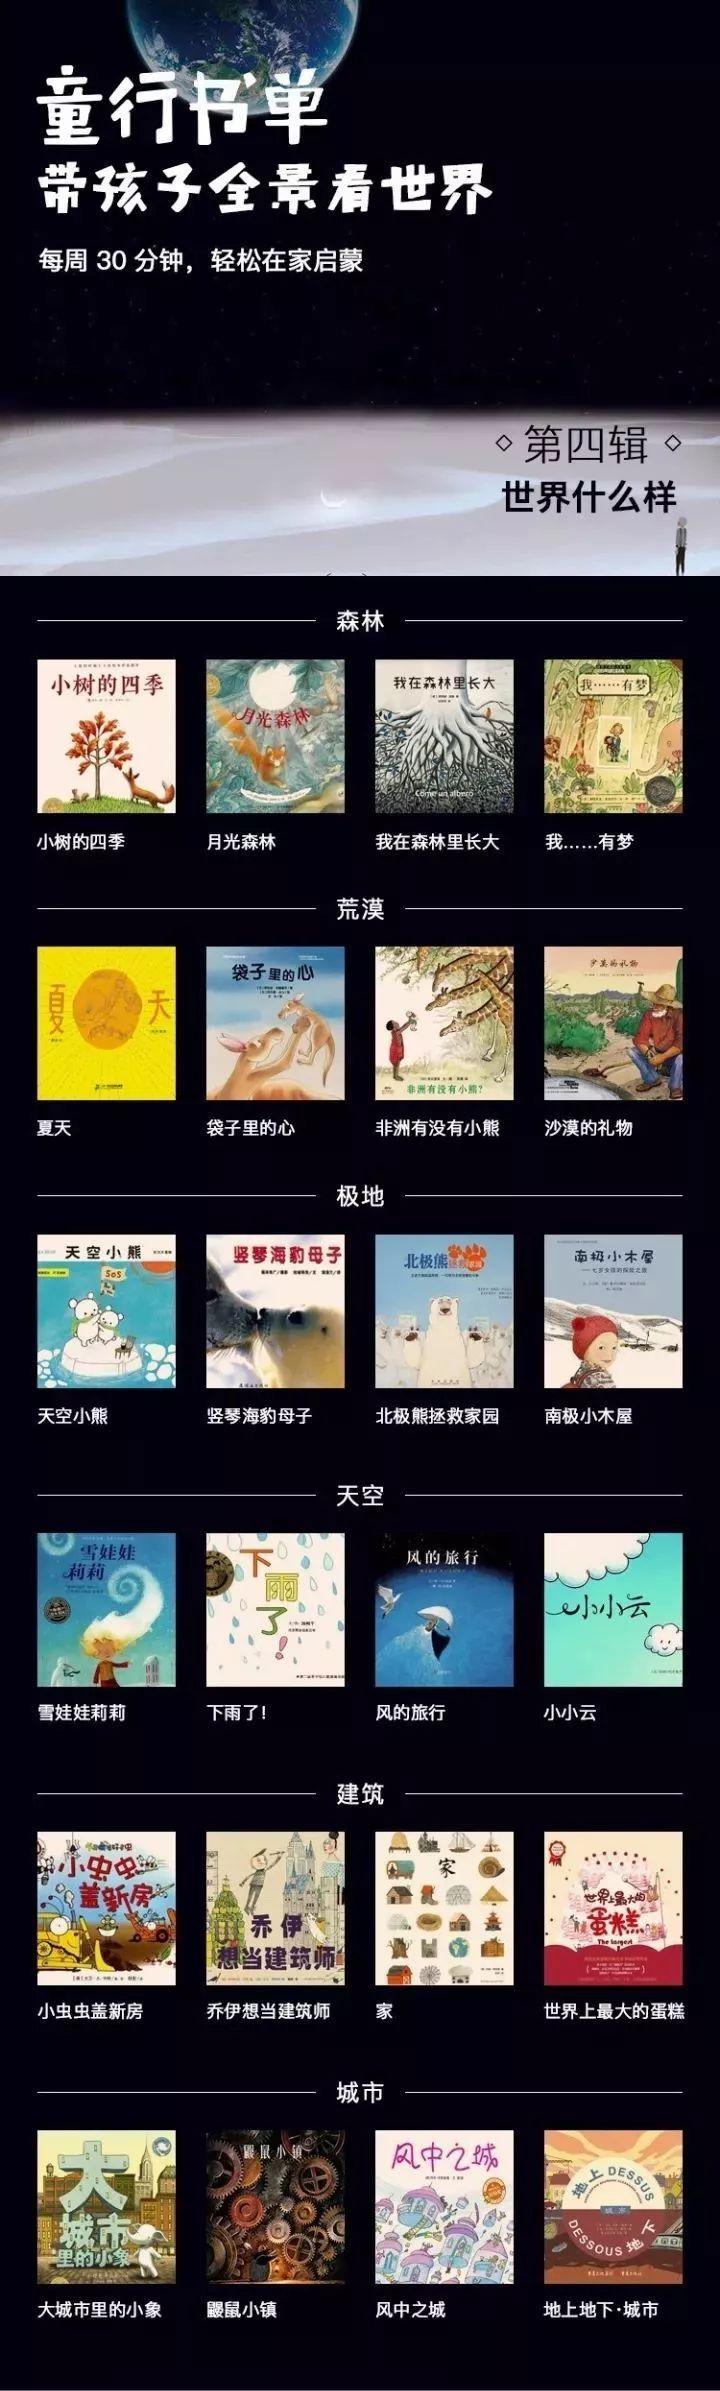 童行:郝景芳绘本100本清单(3~6岁)